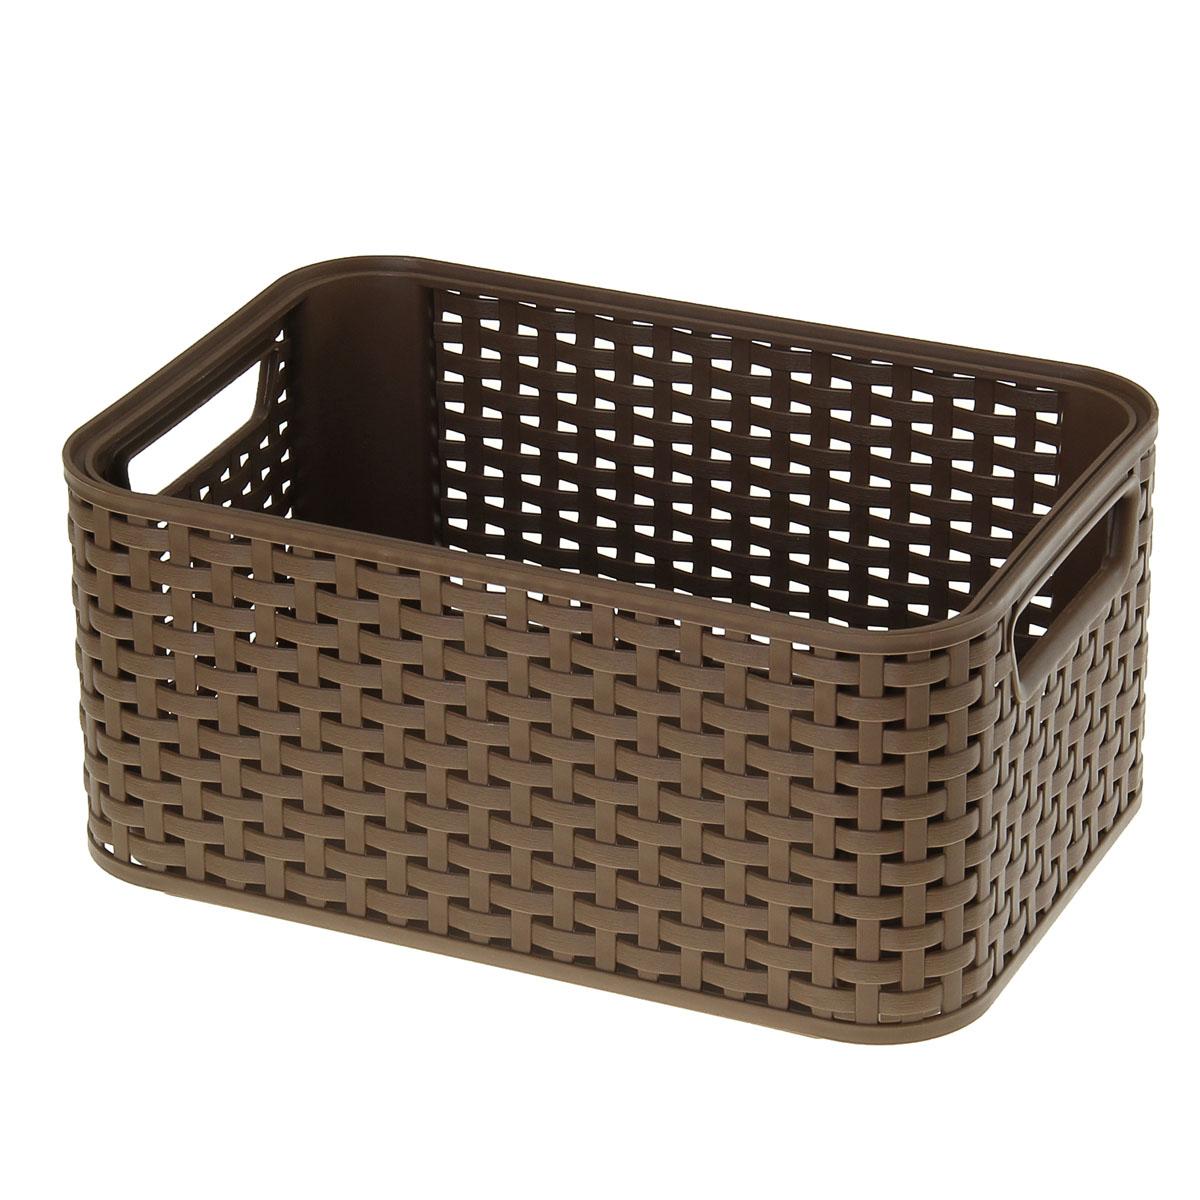 Корзинка Curver, цвет: коричневый, 29 х 19 х 13 см911608Корзинка Curver, изготовленная из высококачественного прочного пластика, предназначена для хранения мелочей в ванной, на кухне, даче или гараже. Изделие оснащено двумя удобными ручками. Это легкая корзина со сплошным дном, жесткой кромкой и небольшими отверстиями позволяет хранить мелкие вещи, исключая возможность их потери.